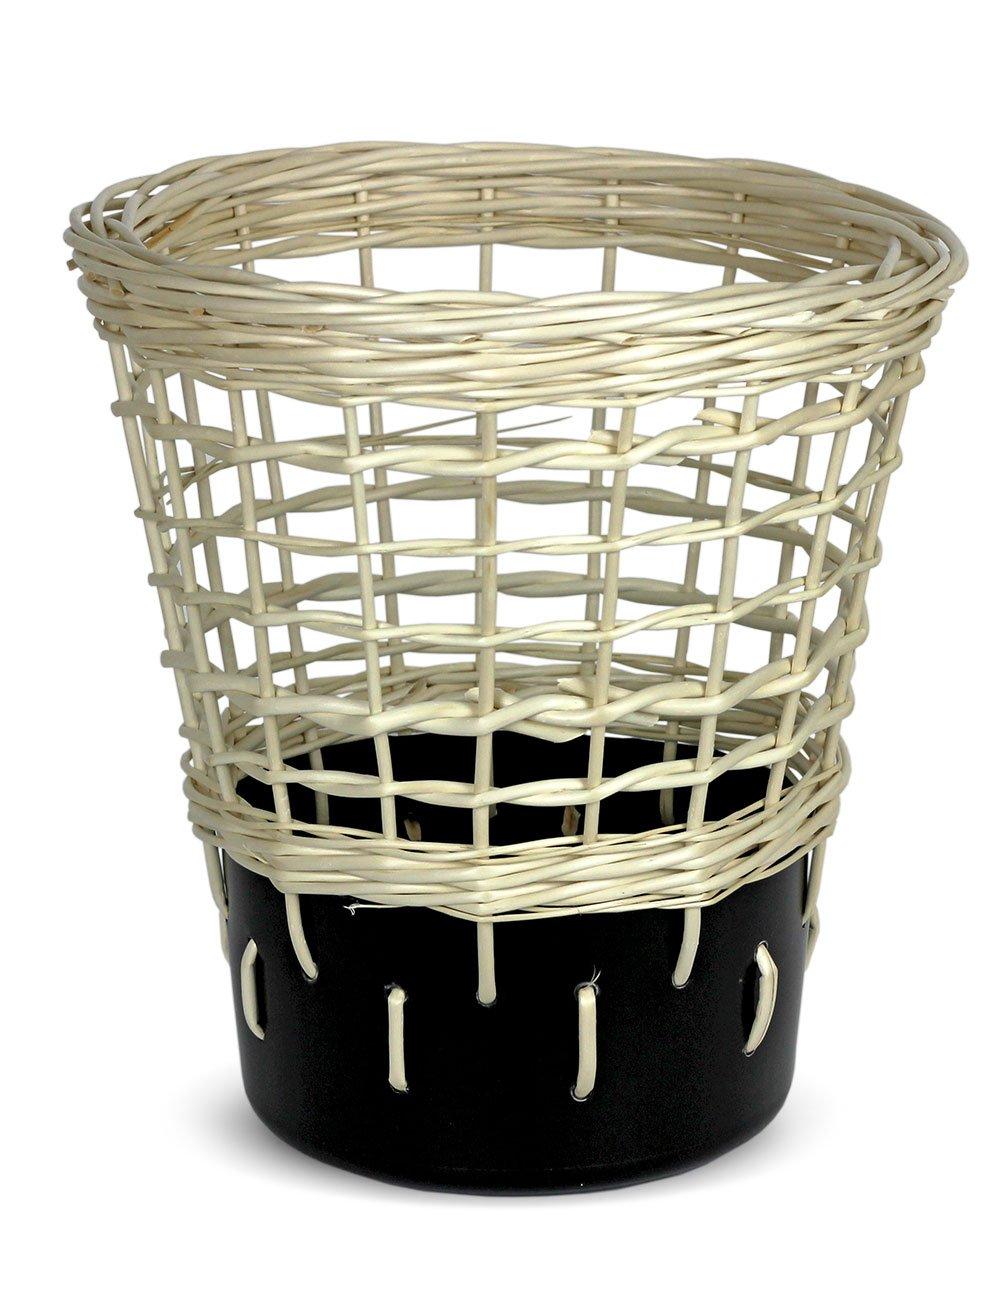 Design Papierkorb Mülleimer für Büro und Home Office in weiß, weiß, weiß, rund mit geflochtener Weide und Plastik, Bow Bin Modell No.2 Weiß B01LXAPYFM | Stabile Qualität  794f4a